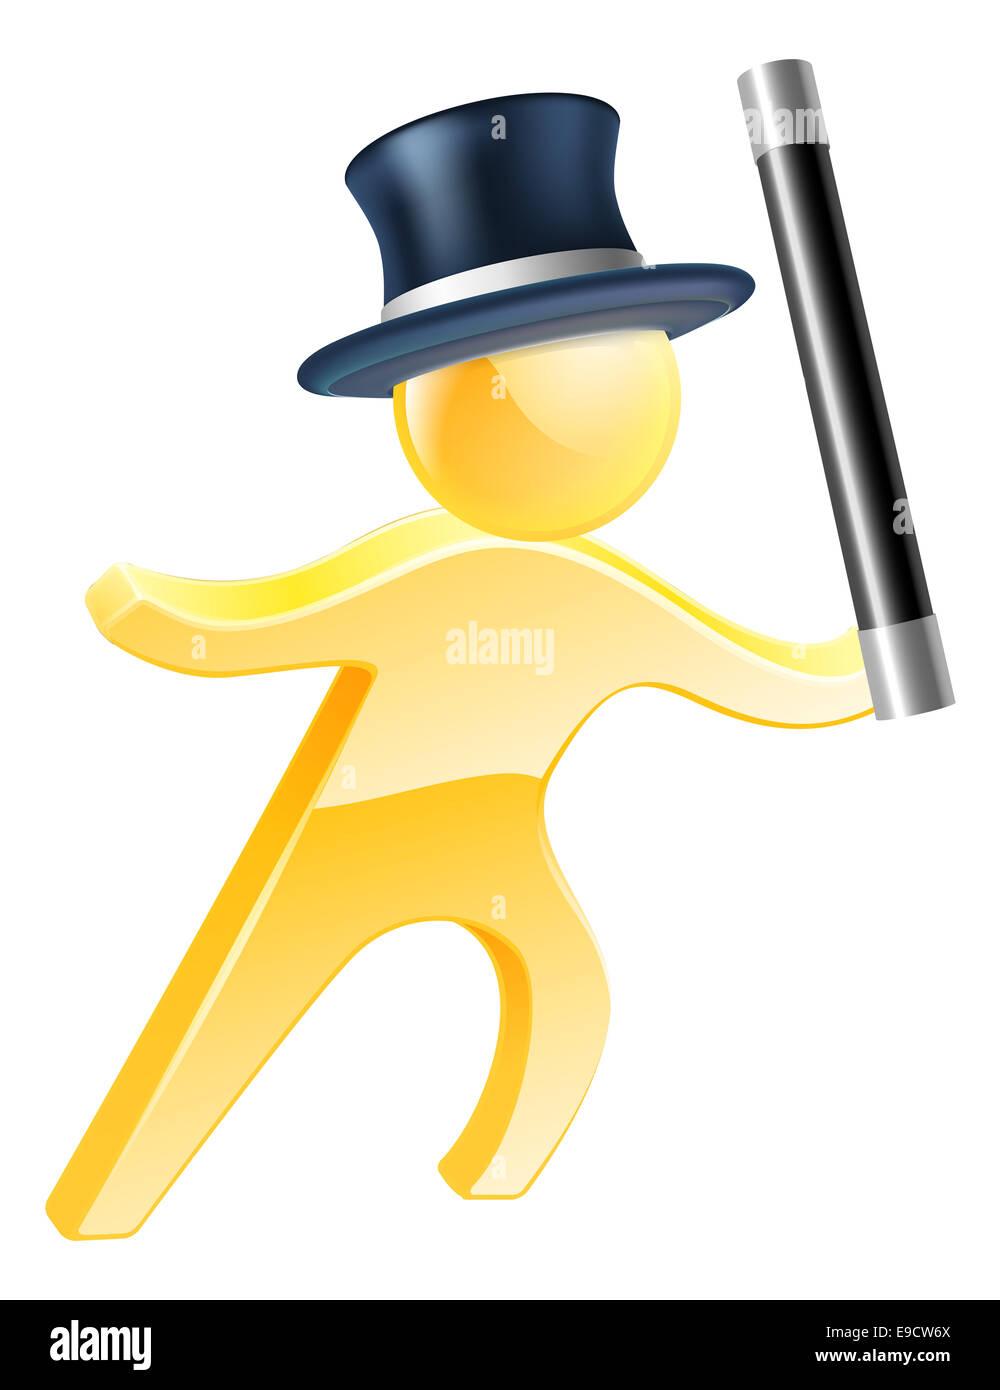 Illustrazione di un mago che indossa un cappello a cilindro e agitando una  bacchetta b19aba3aefba